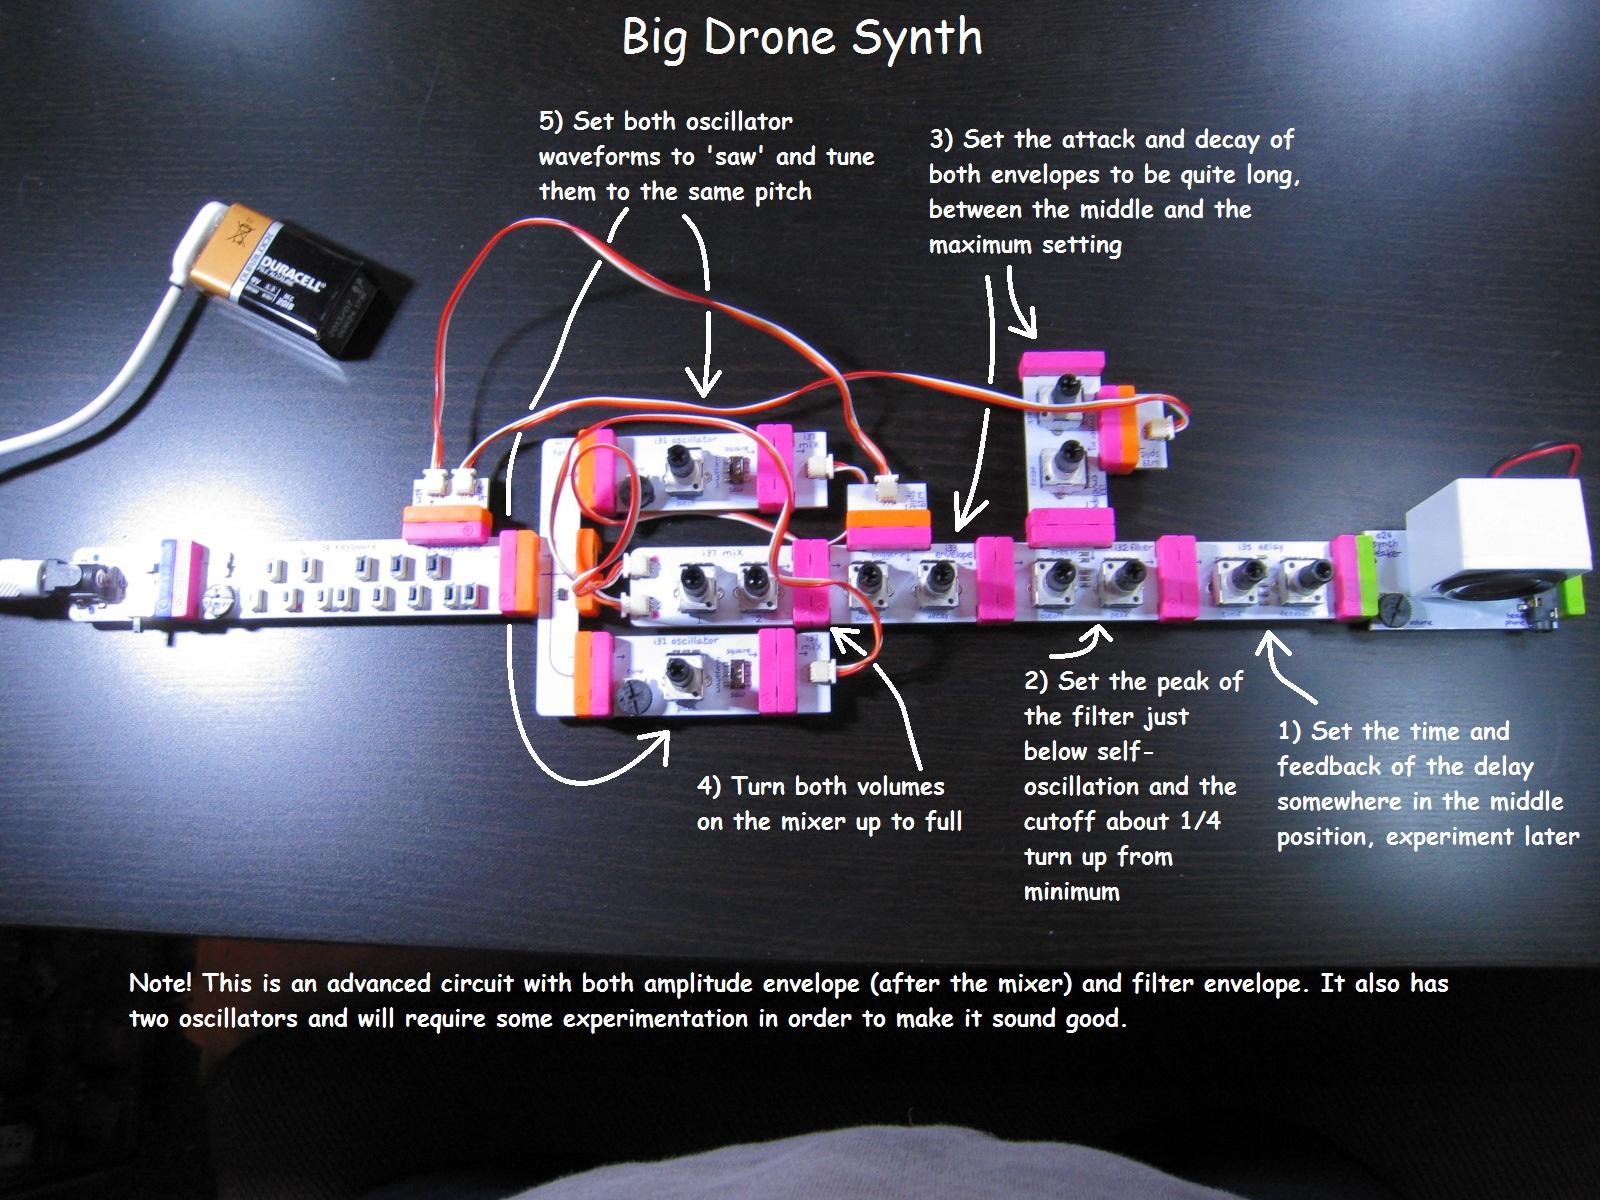 Big drone synth